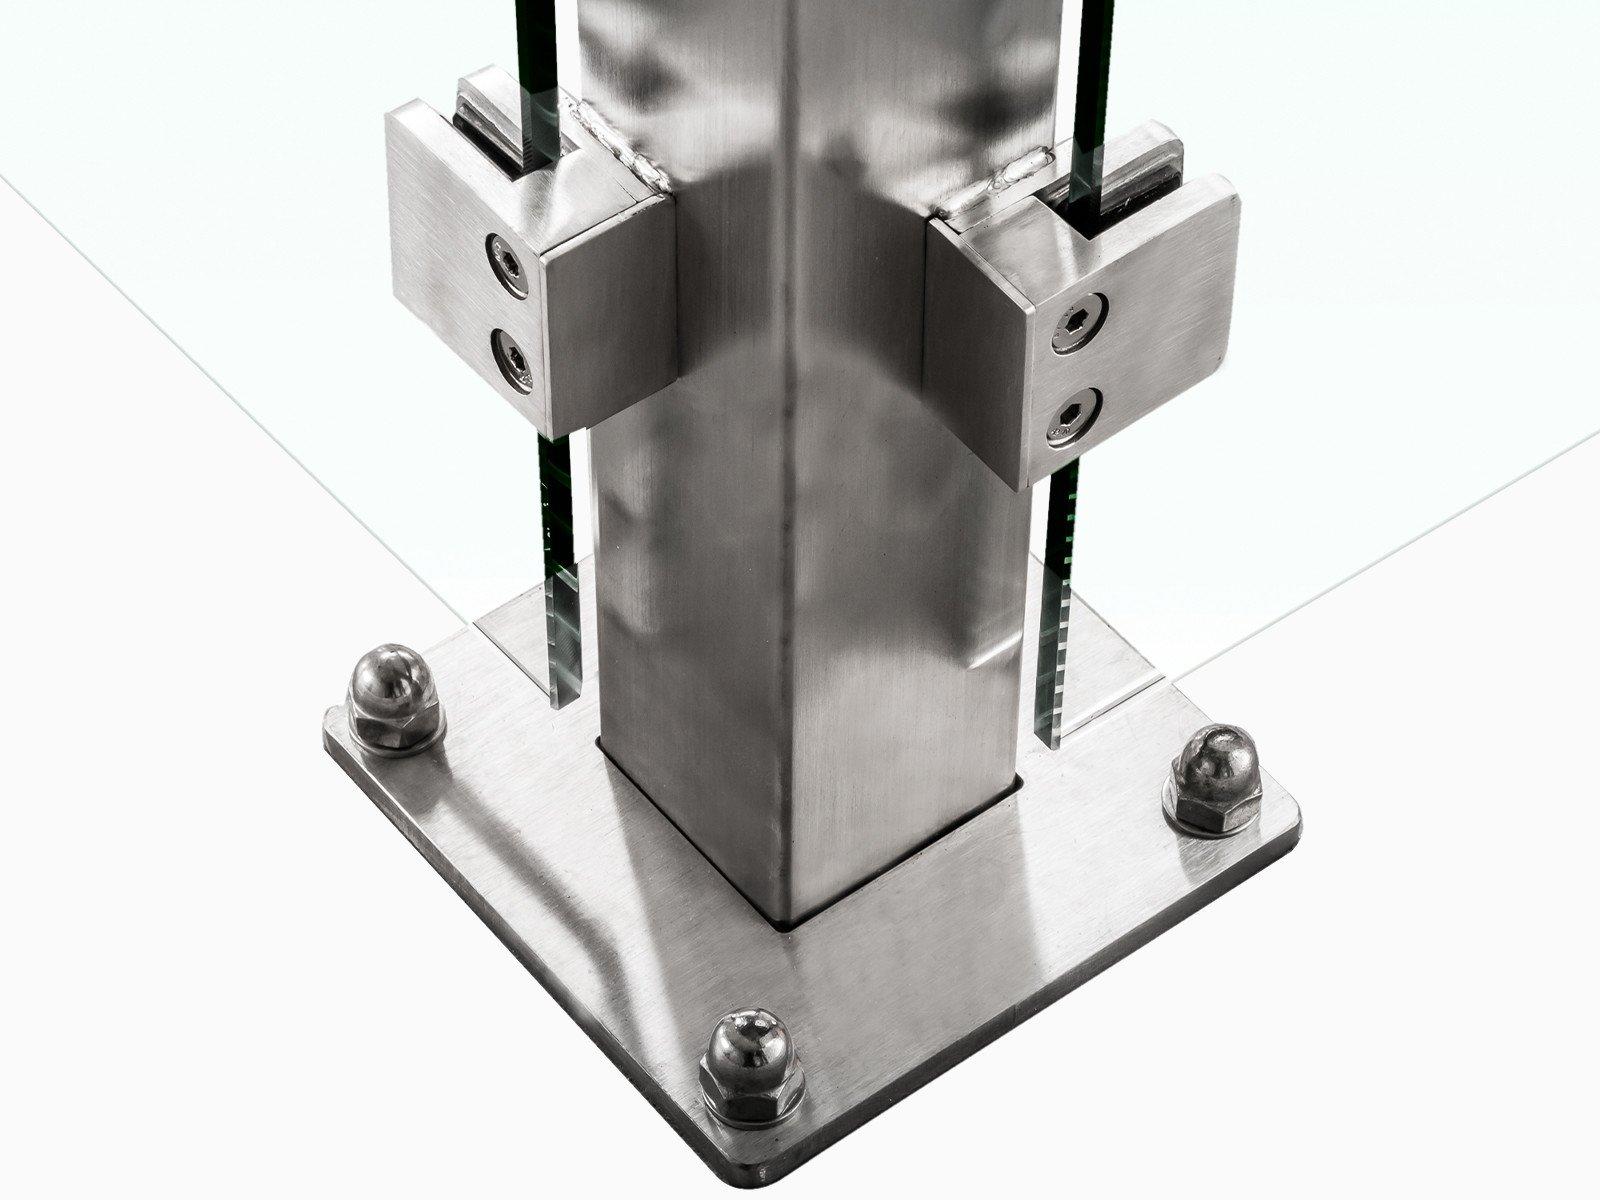 Bodenbefestigung Devitro verschraubt oder einbetoniert mit eckigem Design